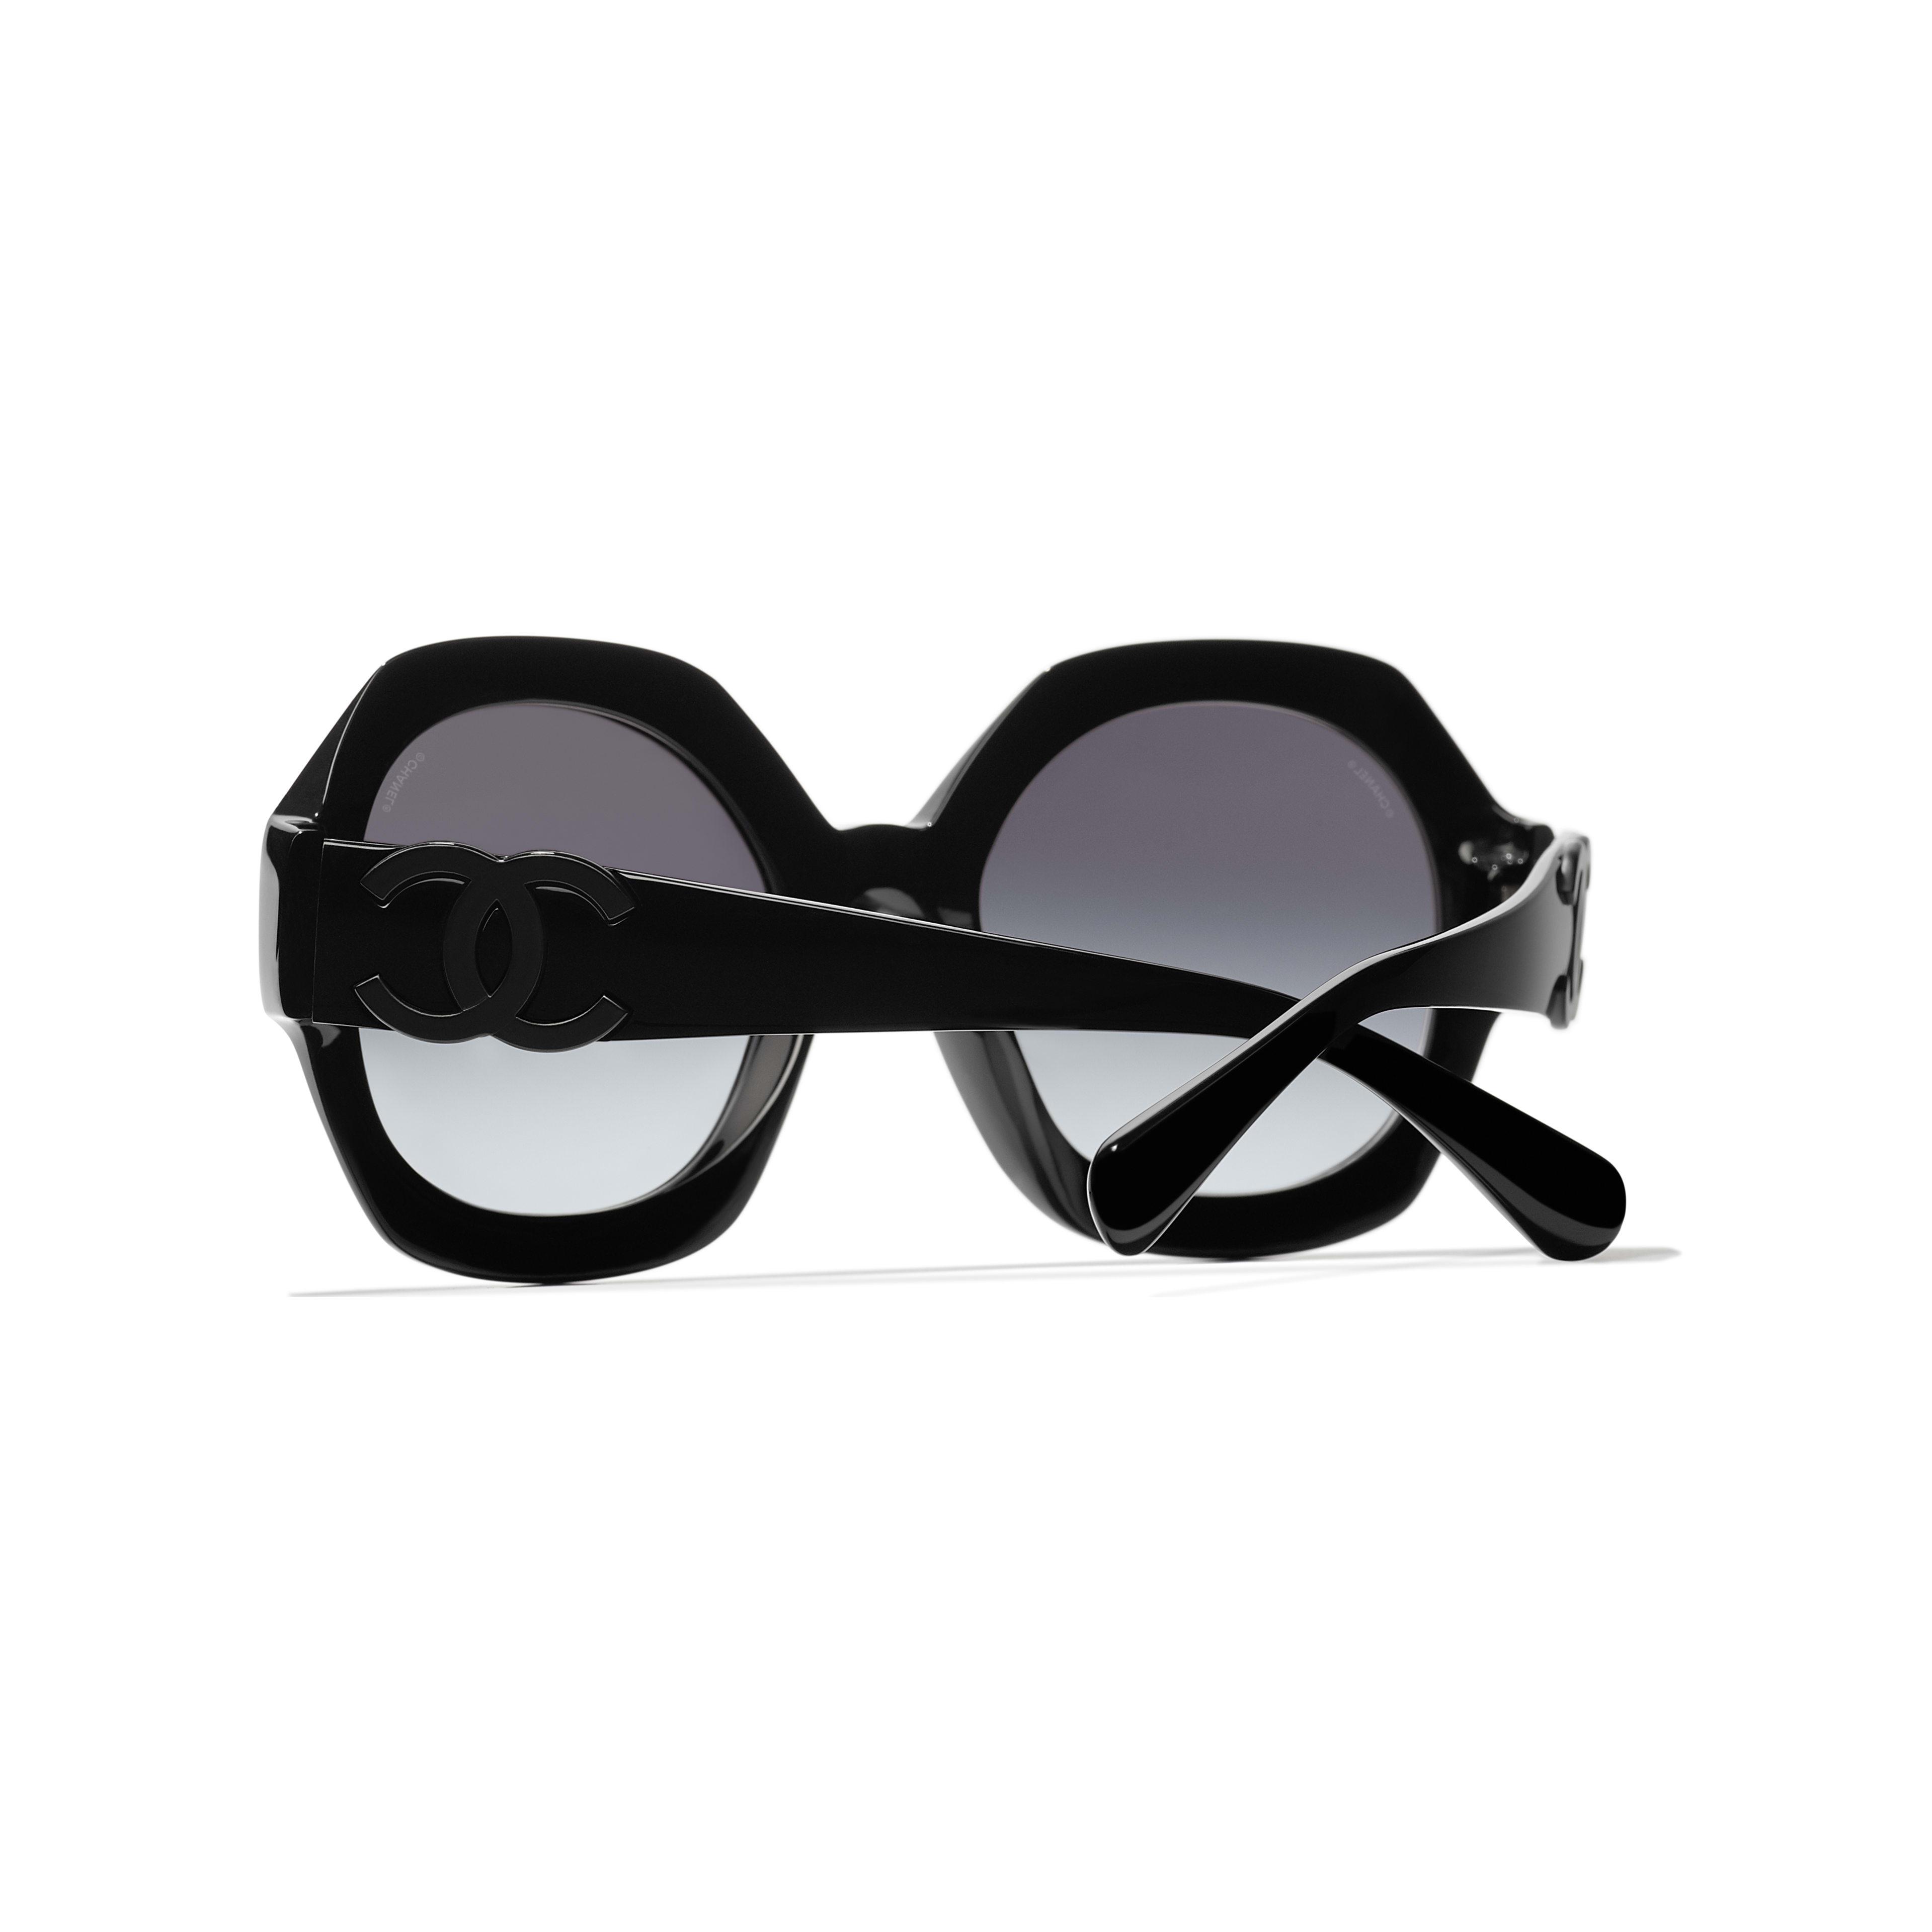 Ronde zonnebril - Zwart - Acetaat - CHANEL - Extra weergave - zie versie op standaardgrootte